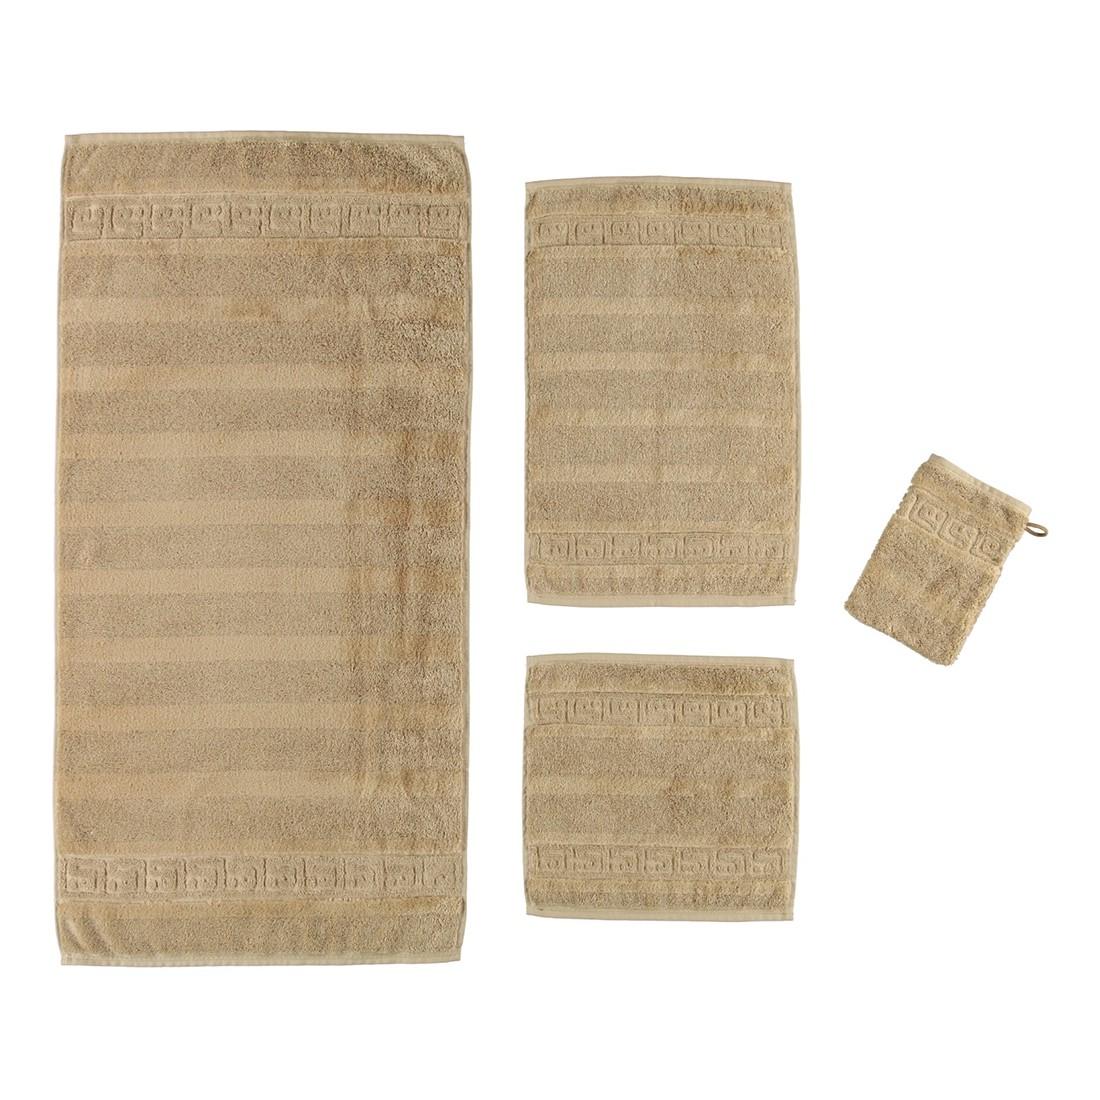 Handtuch Noblesse – 100% Baumwolle Beige – 350 – Handtuch: 50 x 100 cm, Cawö günstig online kaufen